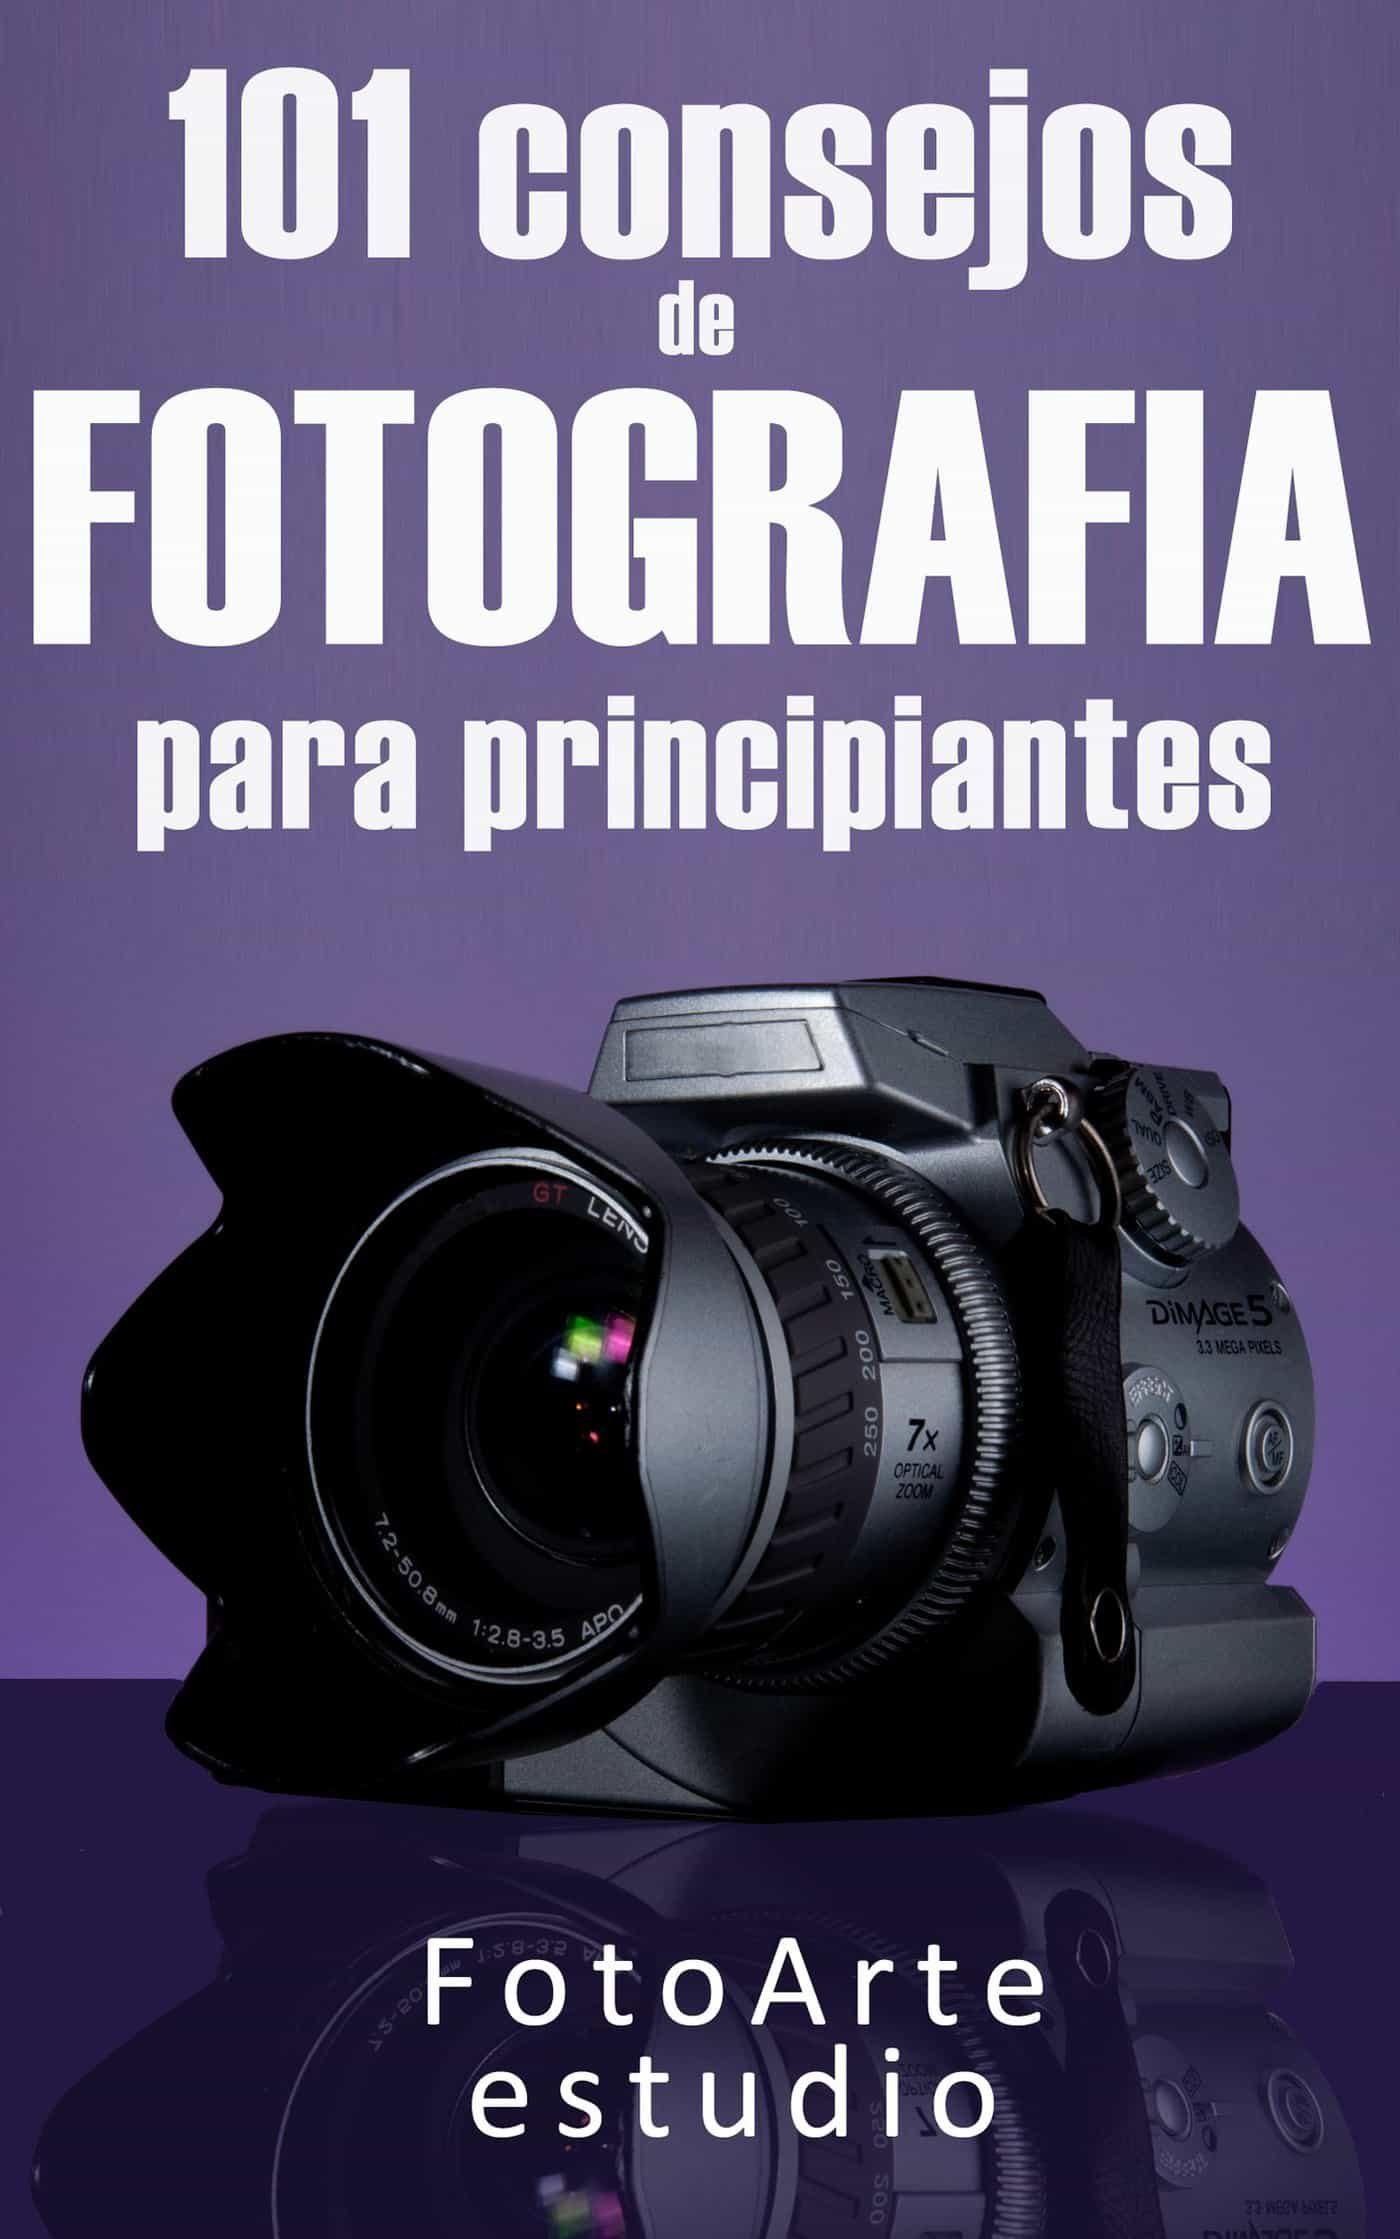 101 consejos de fotografía para principiantes (ebook)-9781301934935